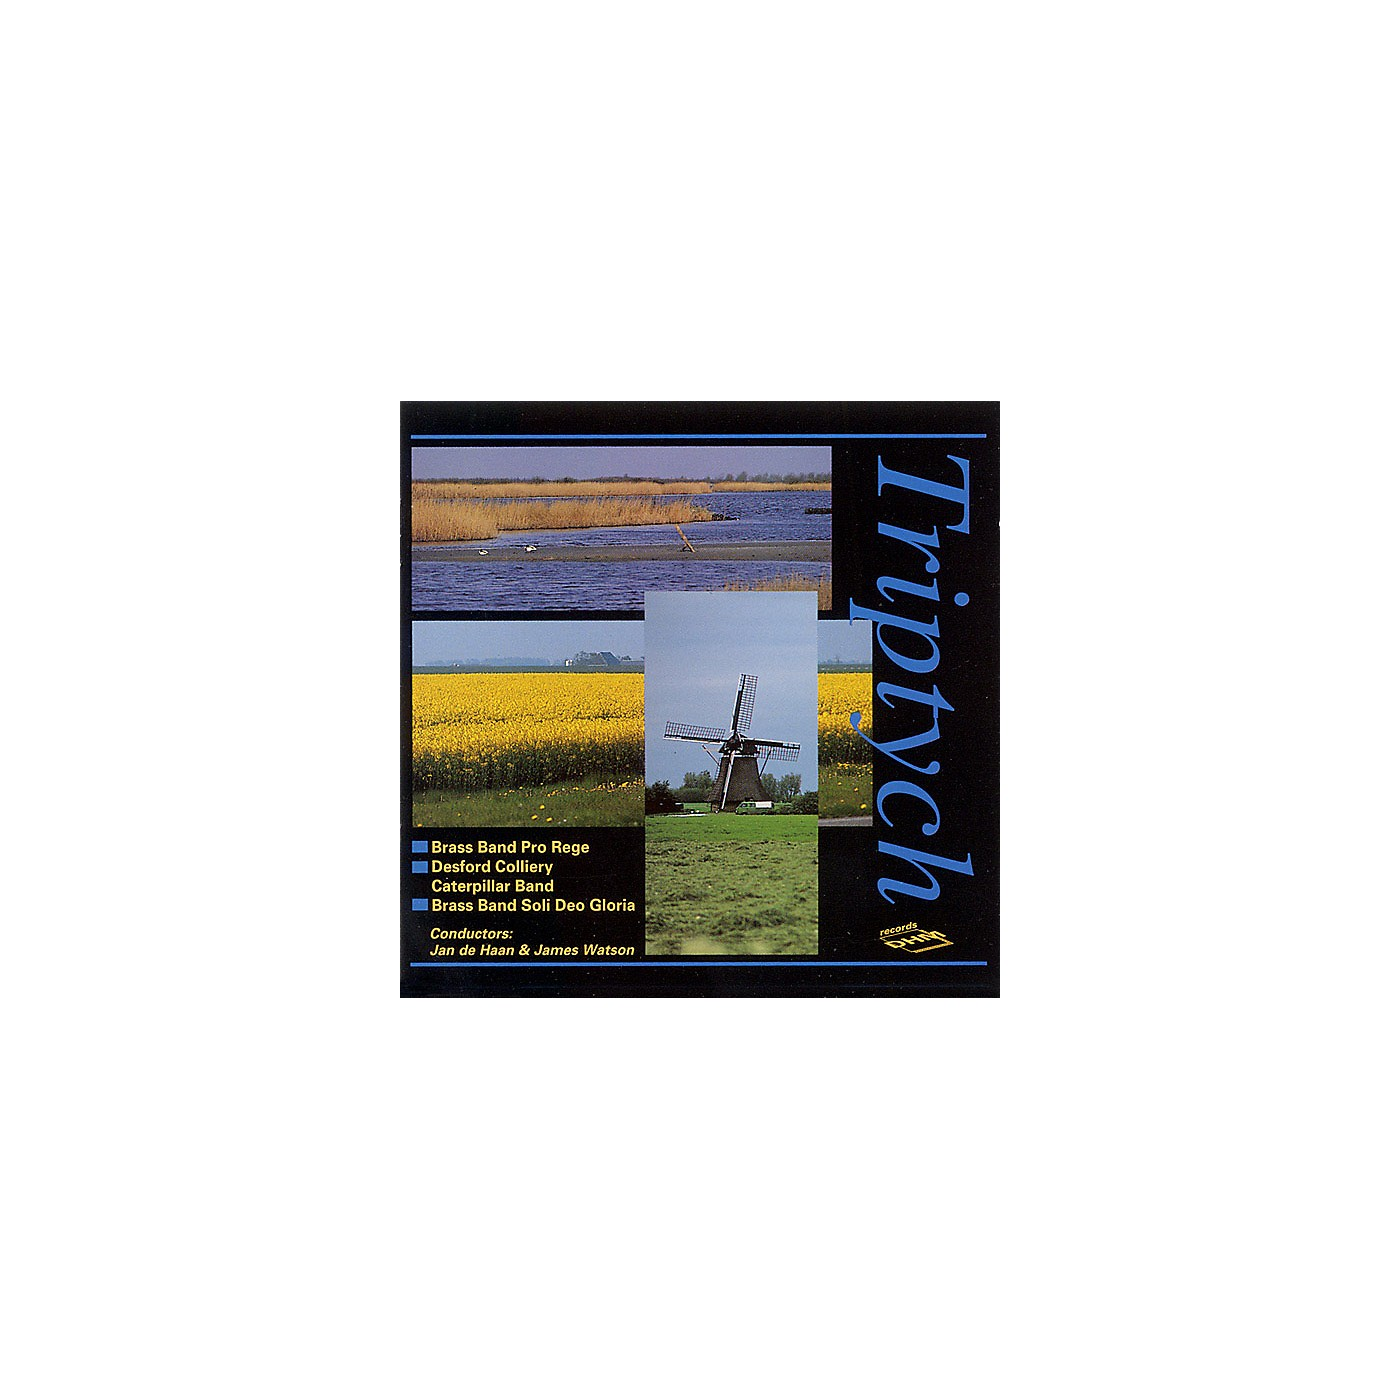 De Haske Music Triptych CD (De Haske Brass Band Sampler CD) De Haske Brass Band CD Series CD  by Various thumbnail